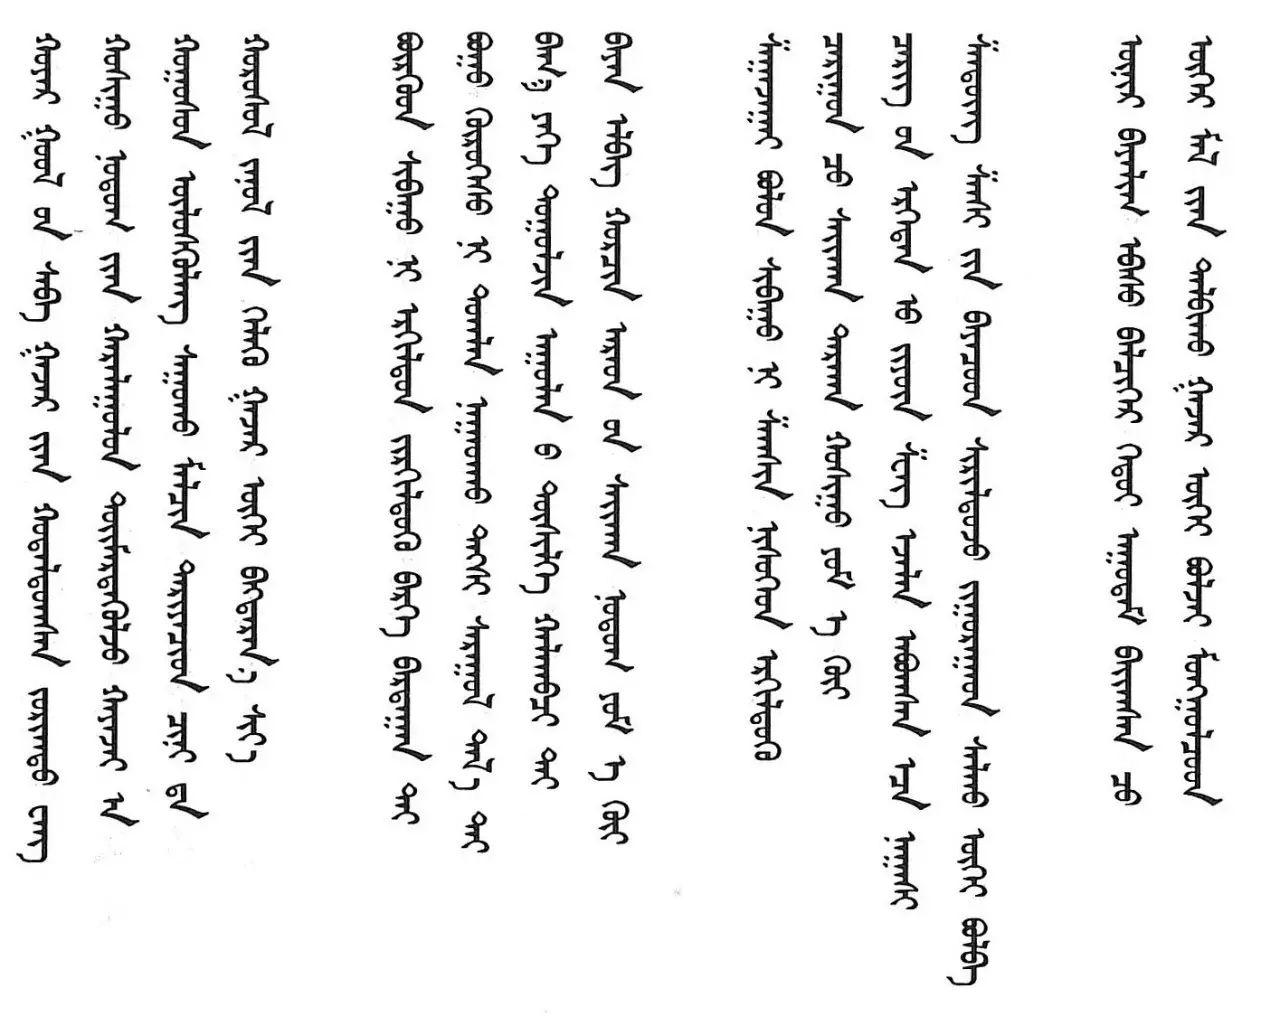 【每日歌词】科尔沁民歌《达尔罕王歌》(又名《巴林田》) 第17张